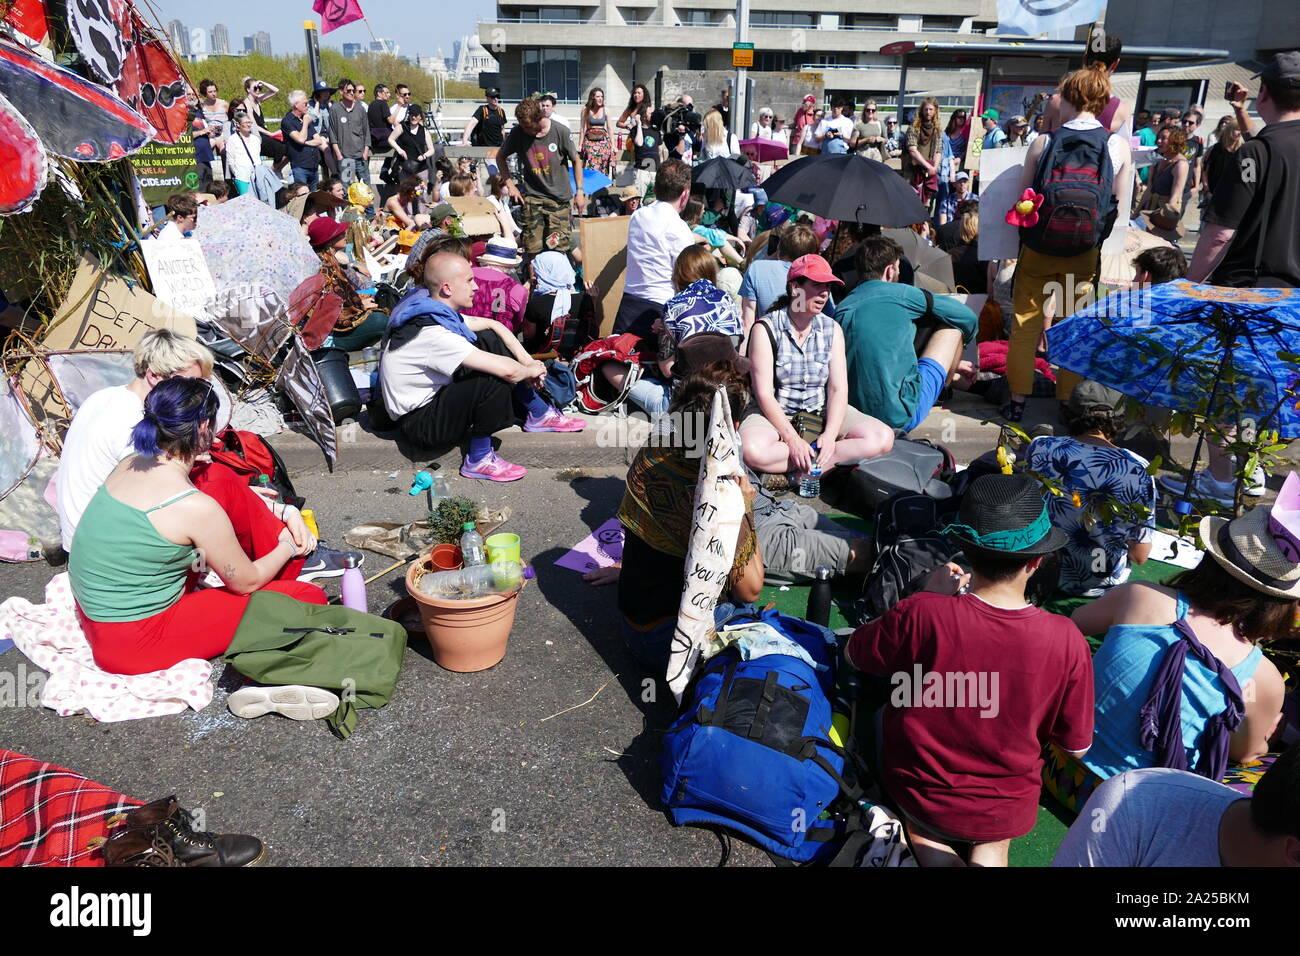 Rébellion d'extinction les changements climatiques manifestants protester de façon pacifique, par occcupying Waterloo Bridge, à Londres. 20 avril 2019 Banque D'Images